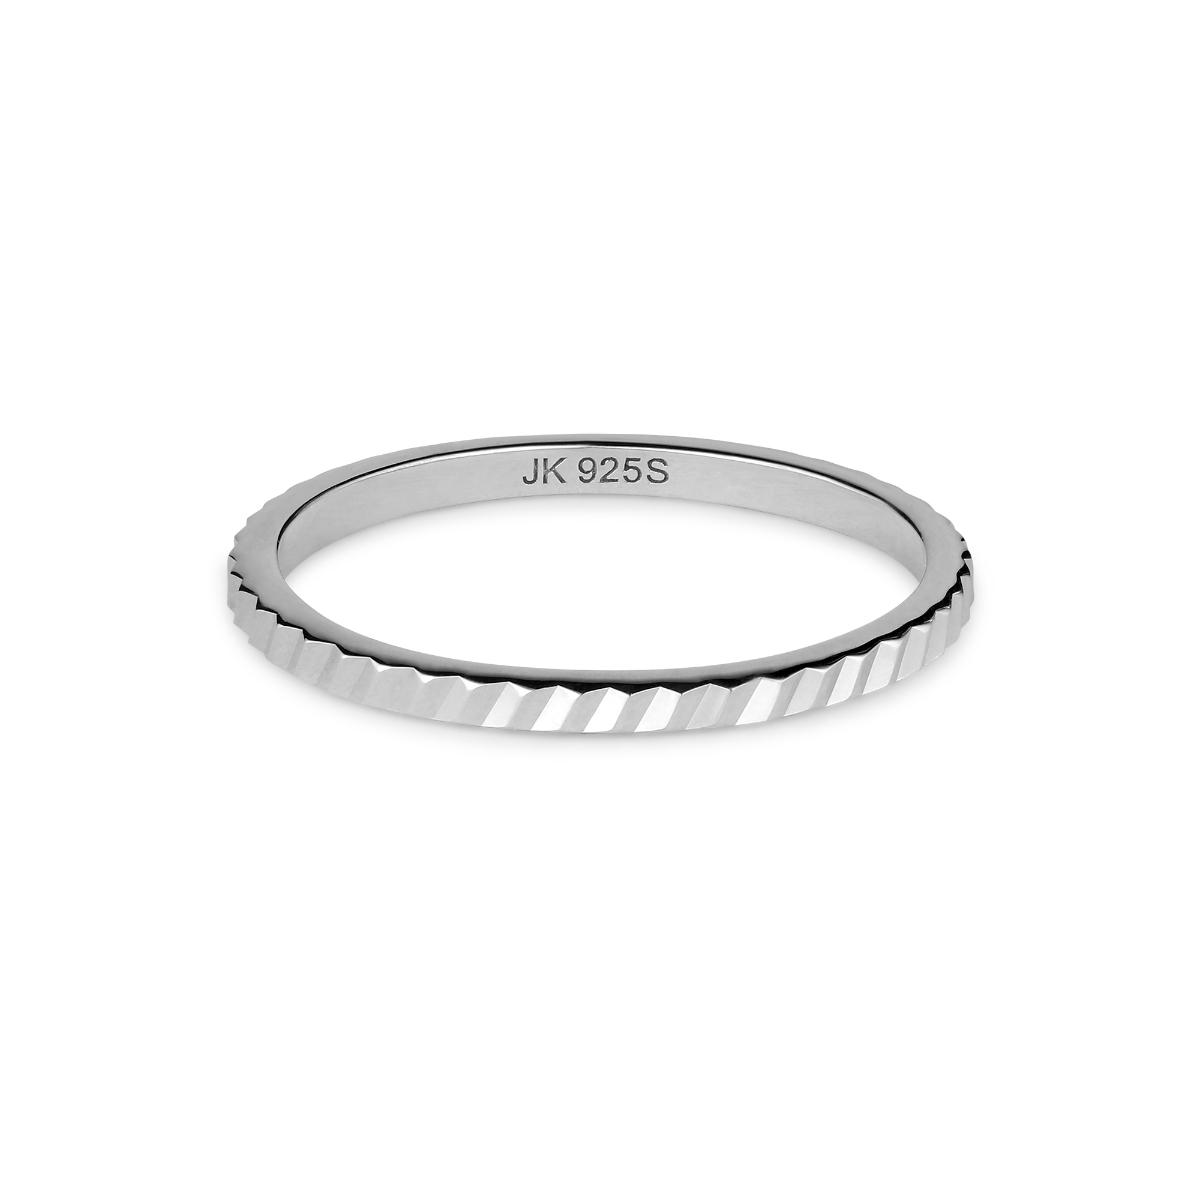 Jane Kønig small Reflection ring, sølv, 56